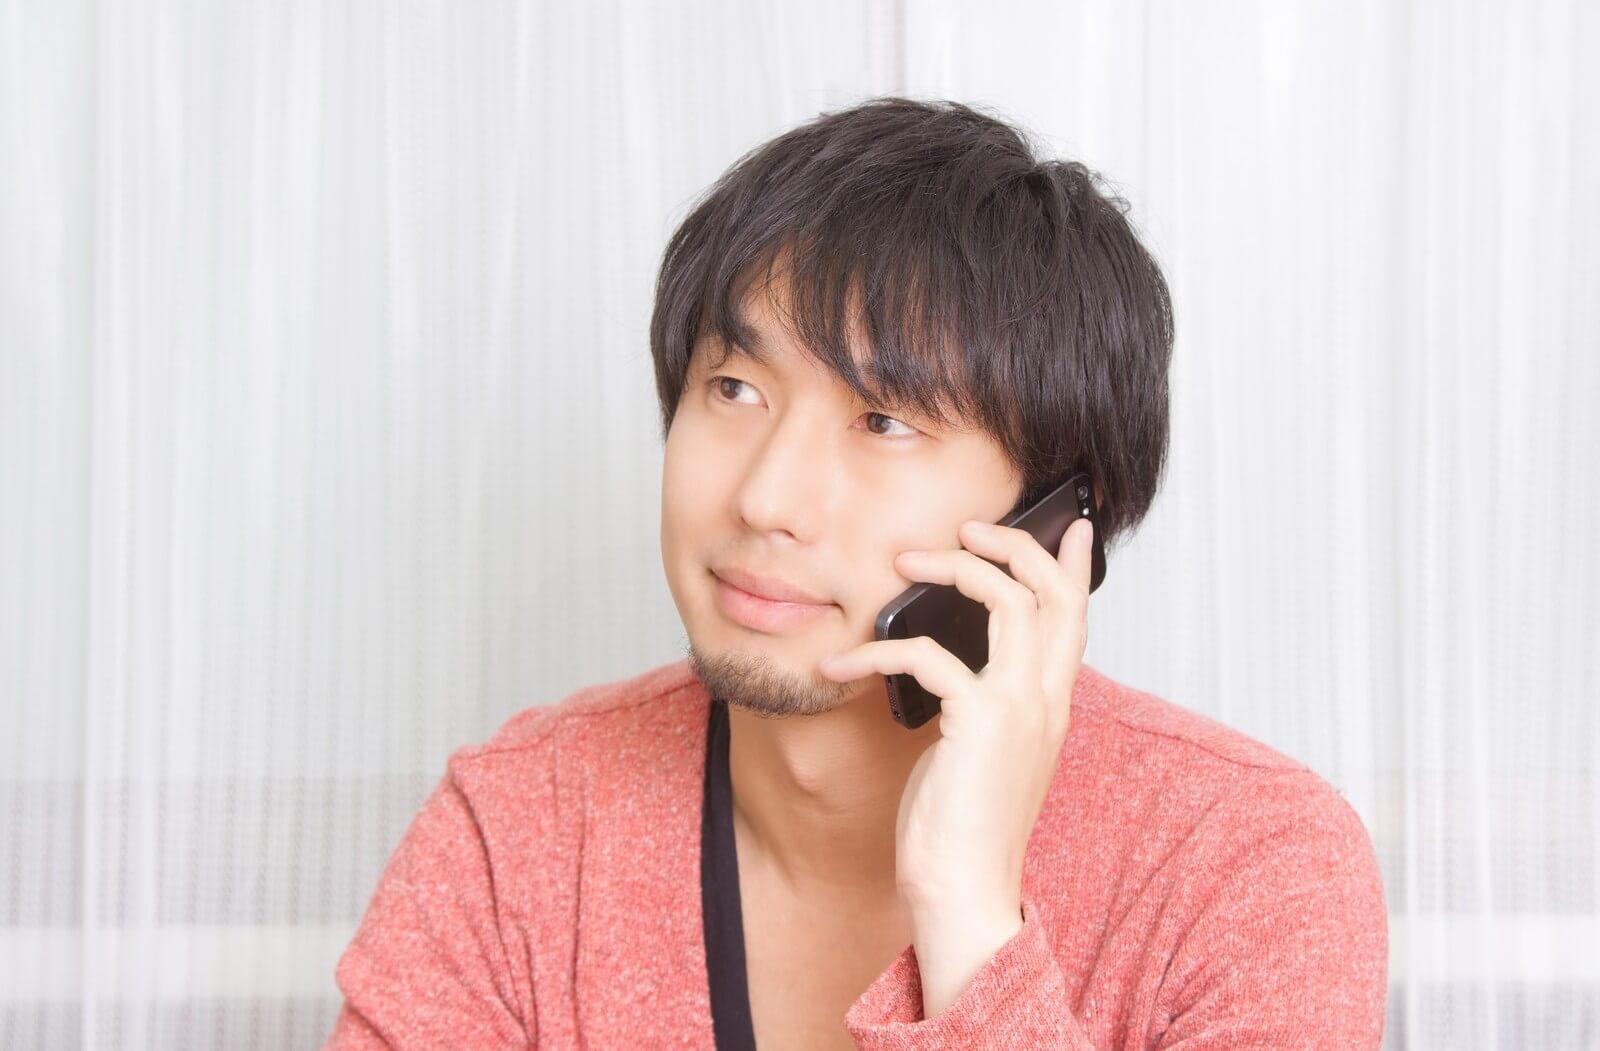 無制限の電話かけ放題プランを採用するエックスモバイルのスマホで電話する男性